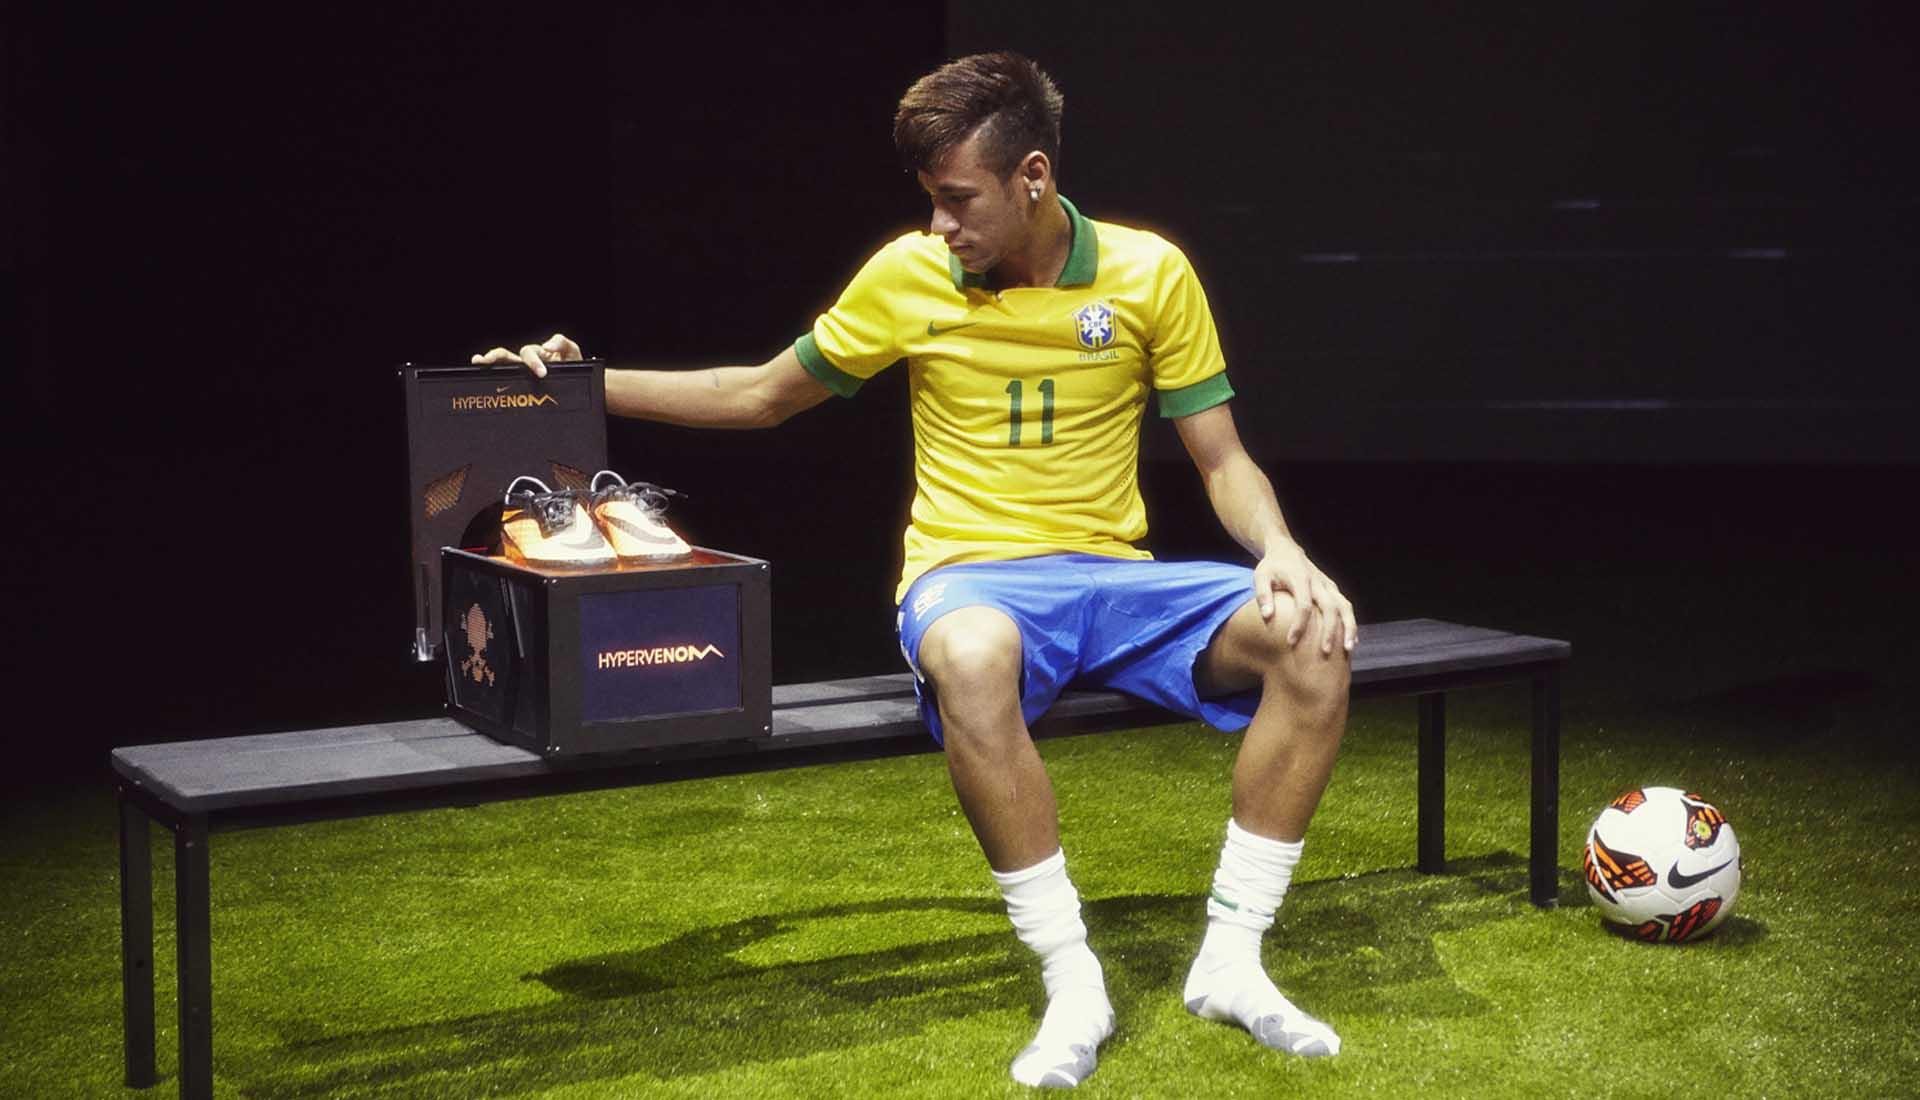 Neymar là một ngôi sao tài năng được Nike thửa riêng rất nhiều giày đá bóng